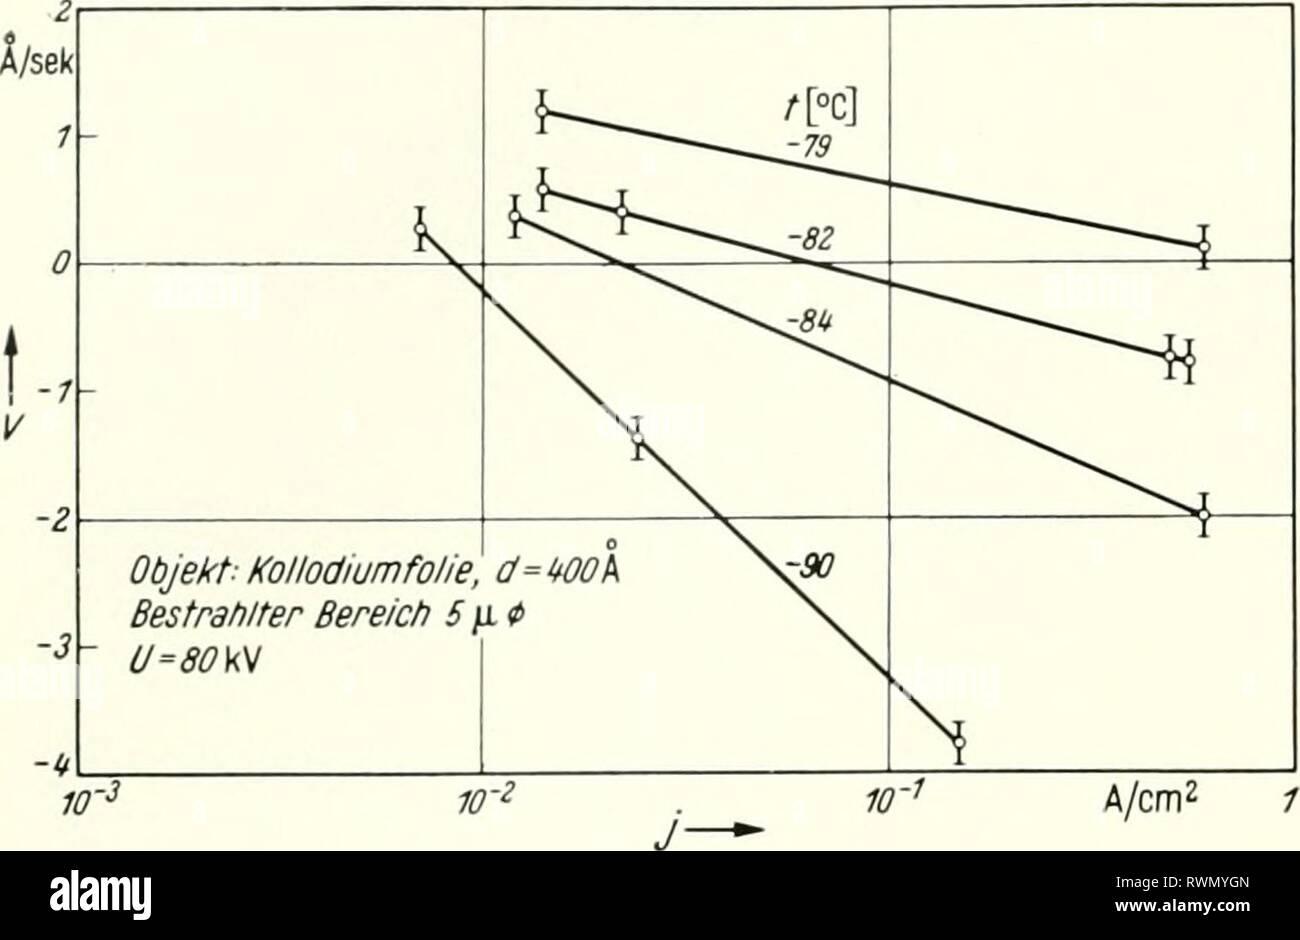 Radiokarbbondatierung ist nur fГјr Objekte genau